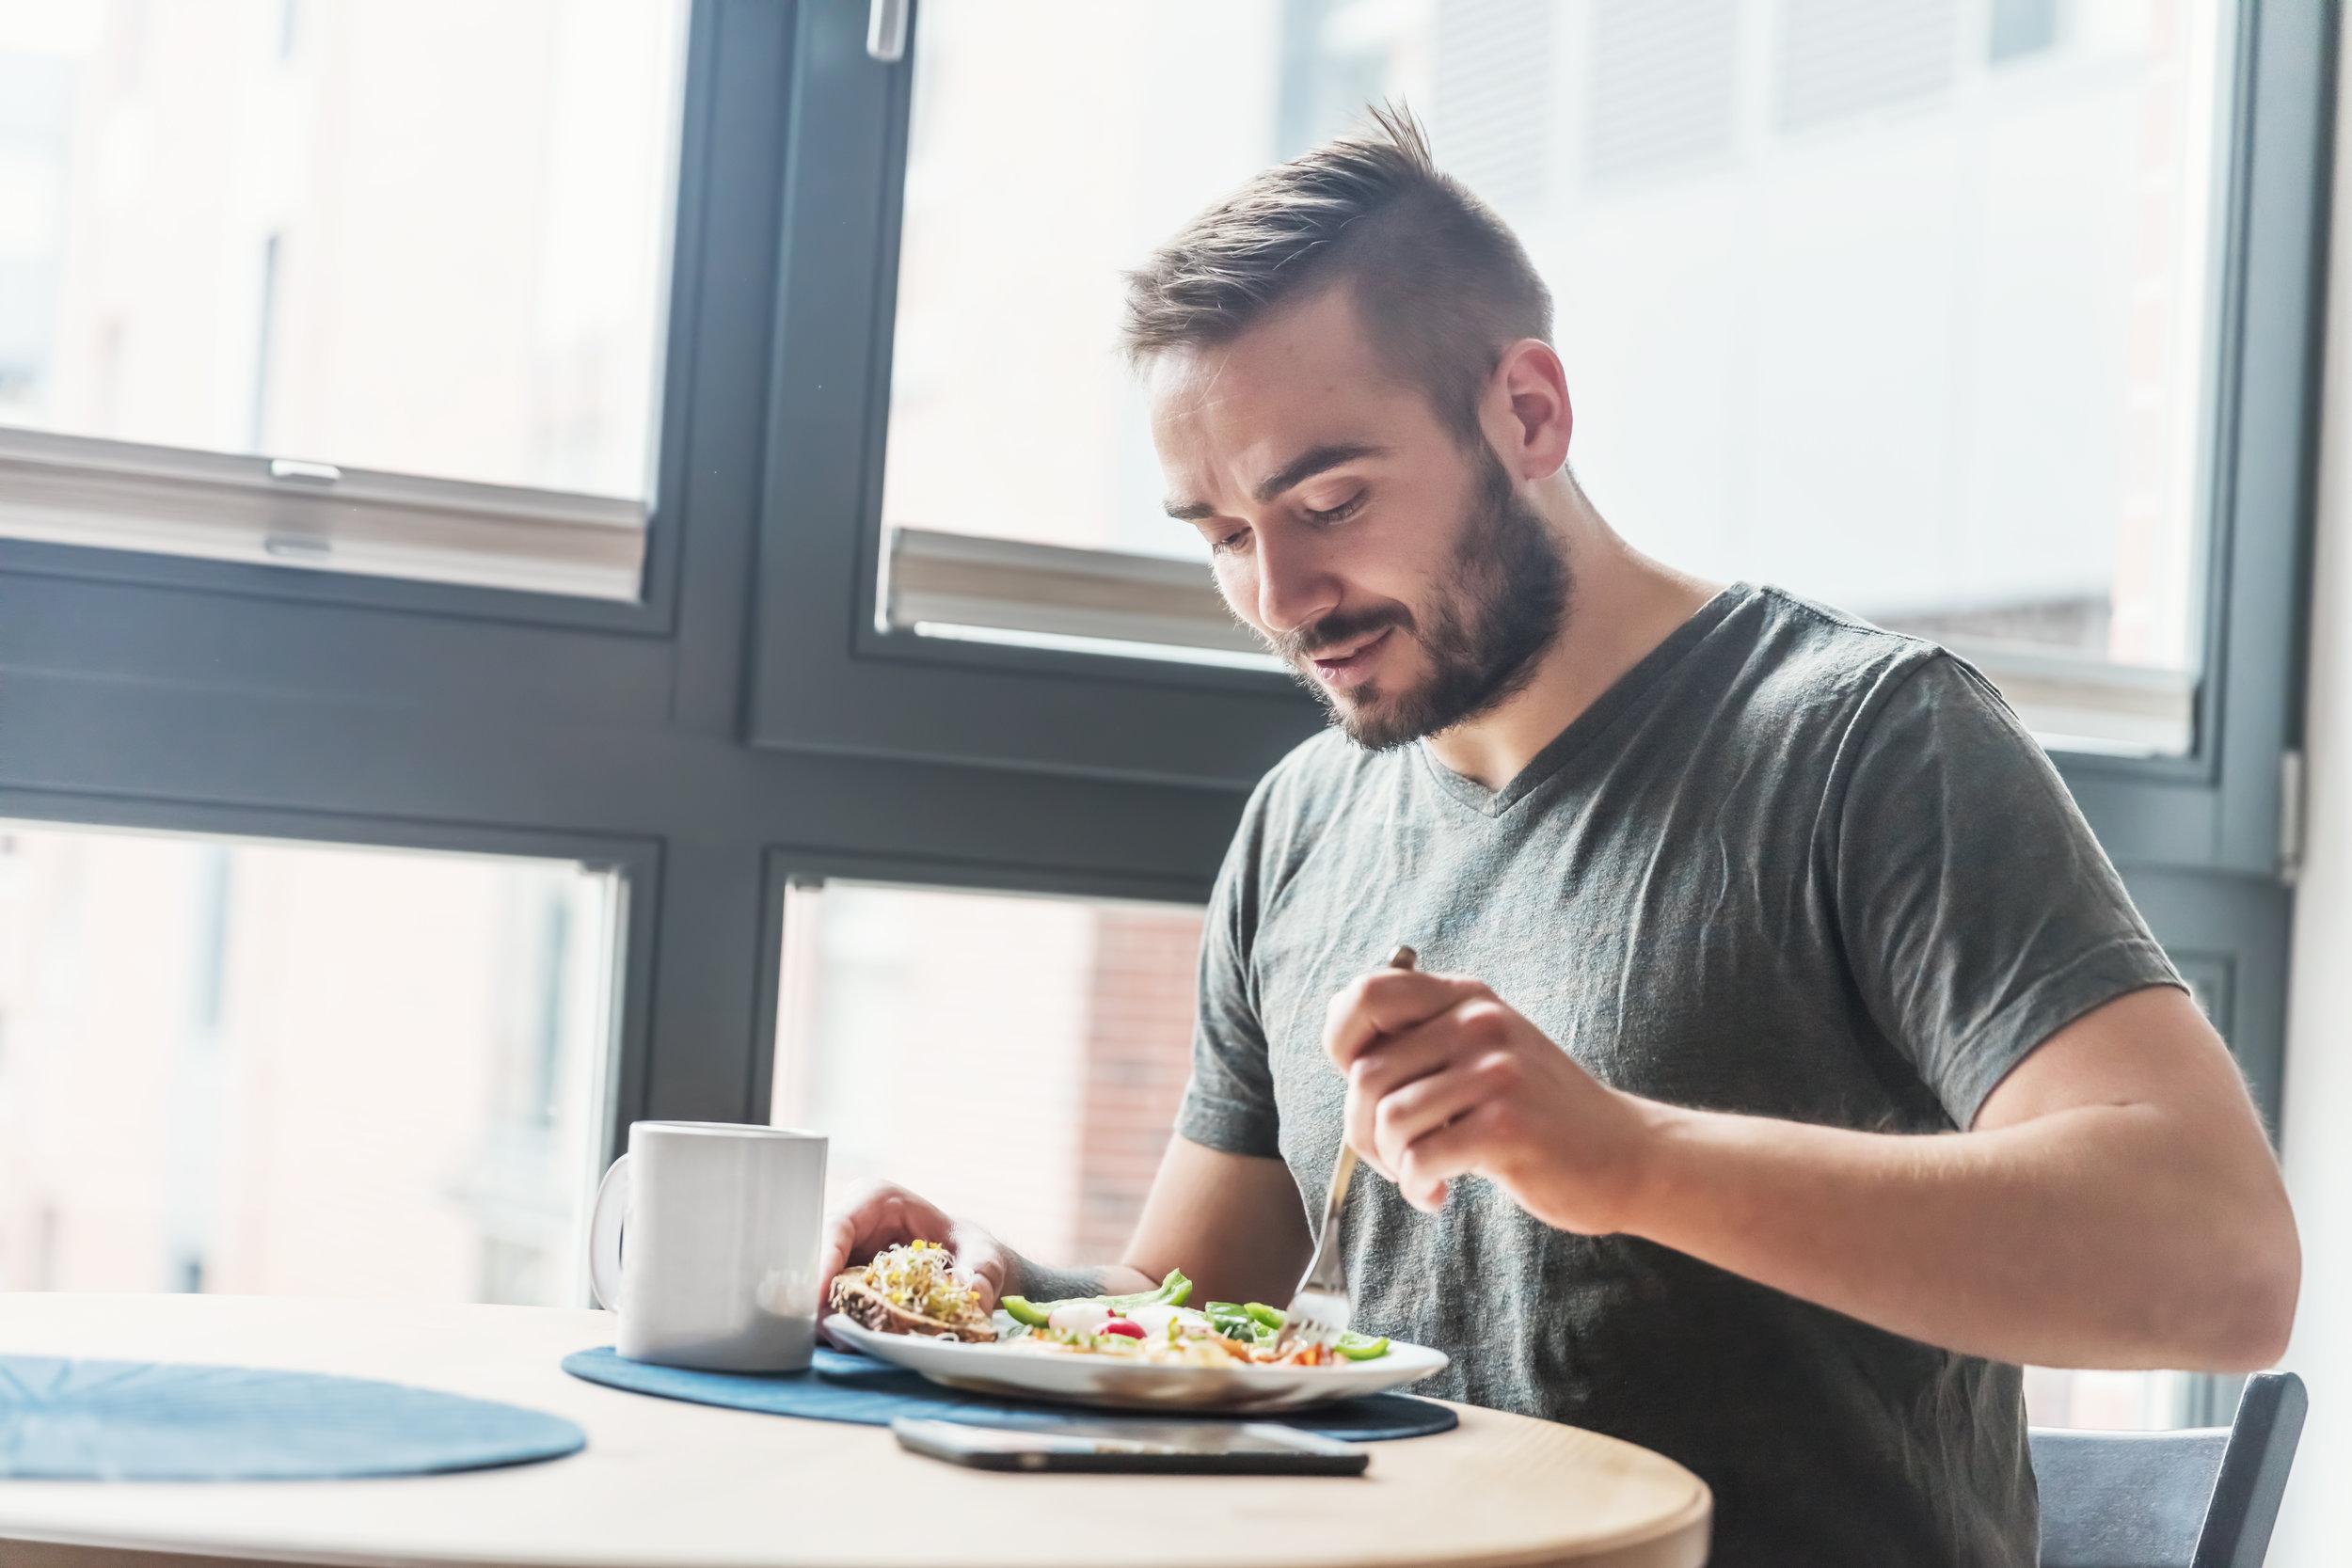 Jatkuva aamiaisen syömättä jättäminen kohottaa sydän- ja verisuonitautikuolleisuuden riskiä.